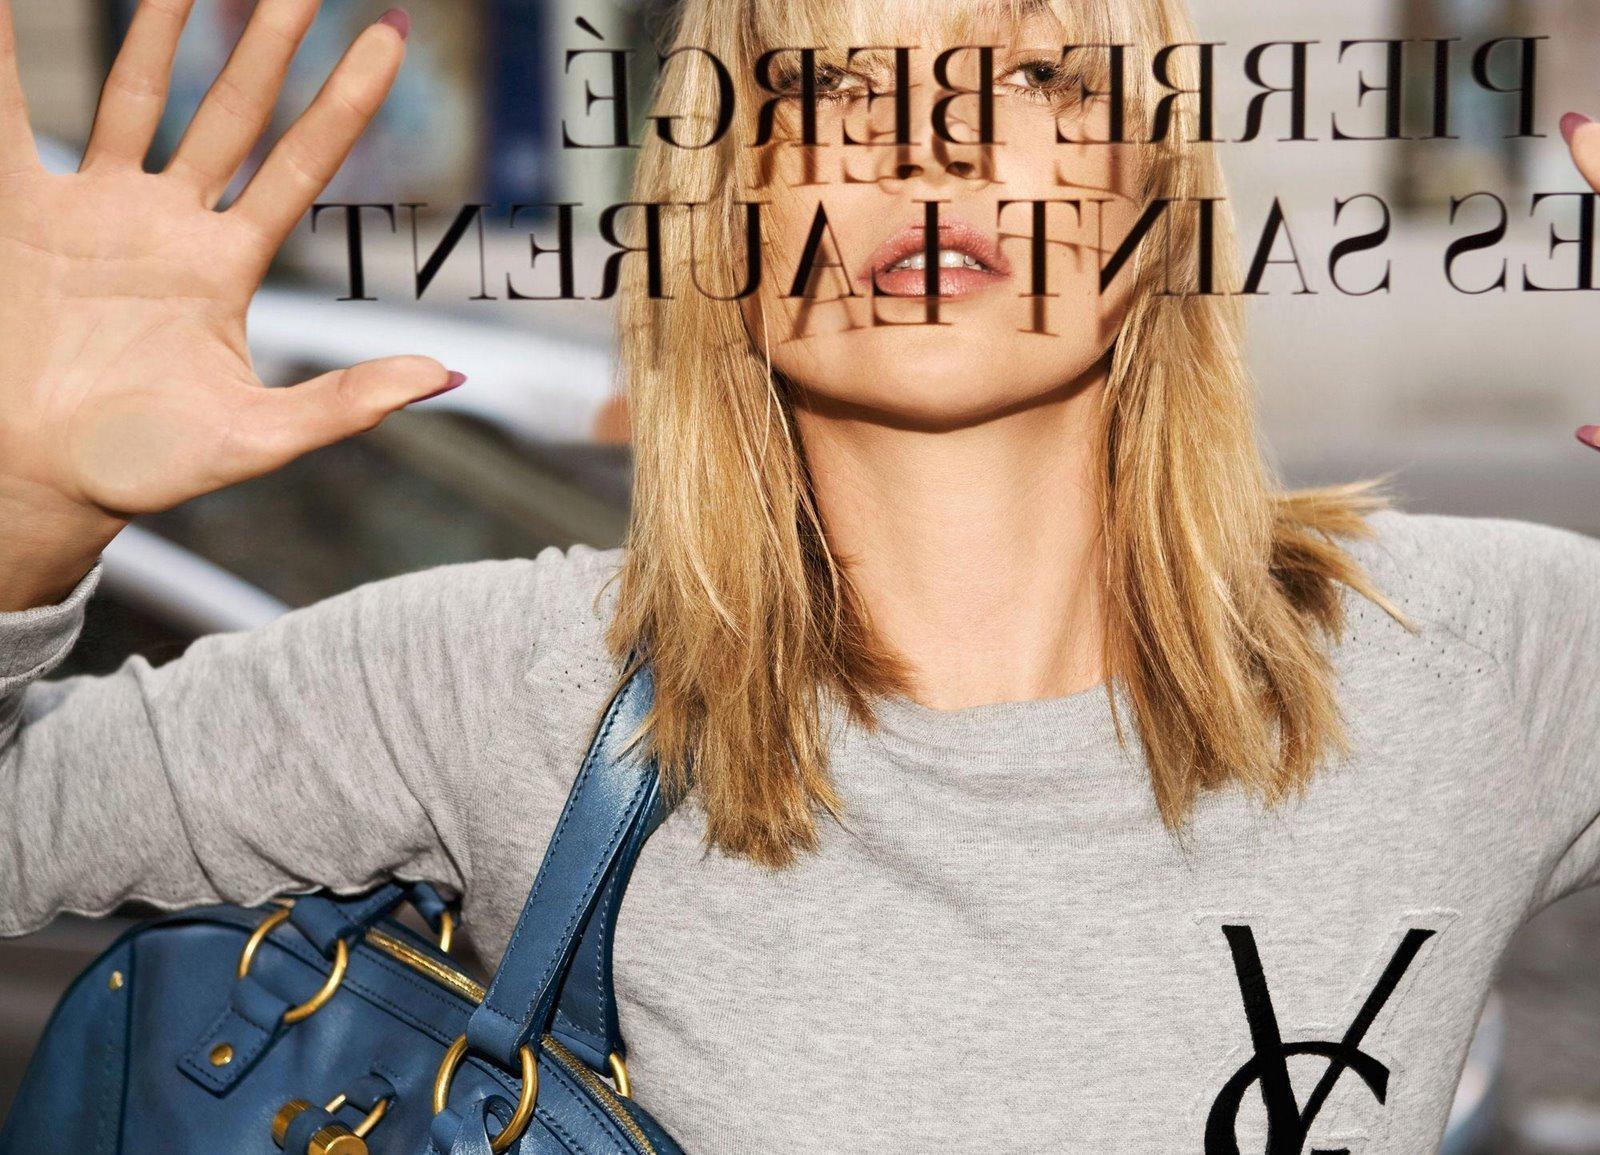 Кейт Мосс в обнаженном виде снялась для нового кампейна Saint Laurent-320x180